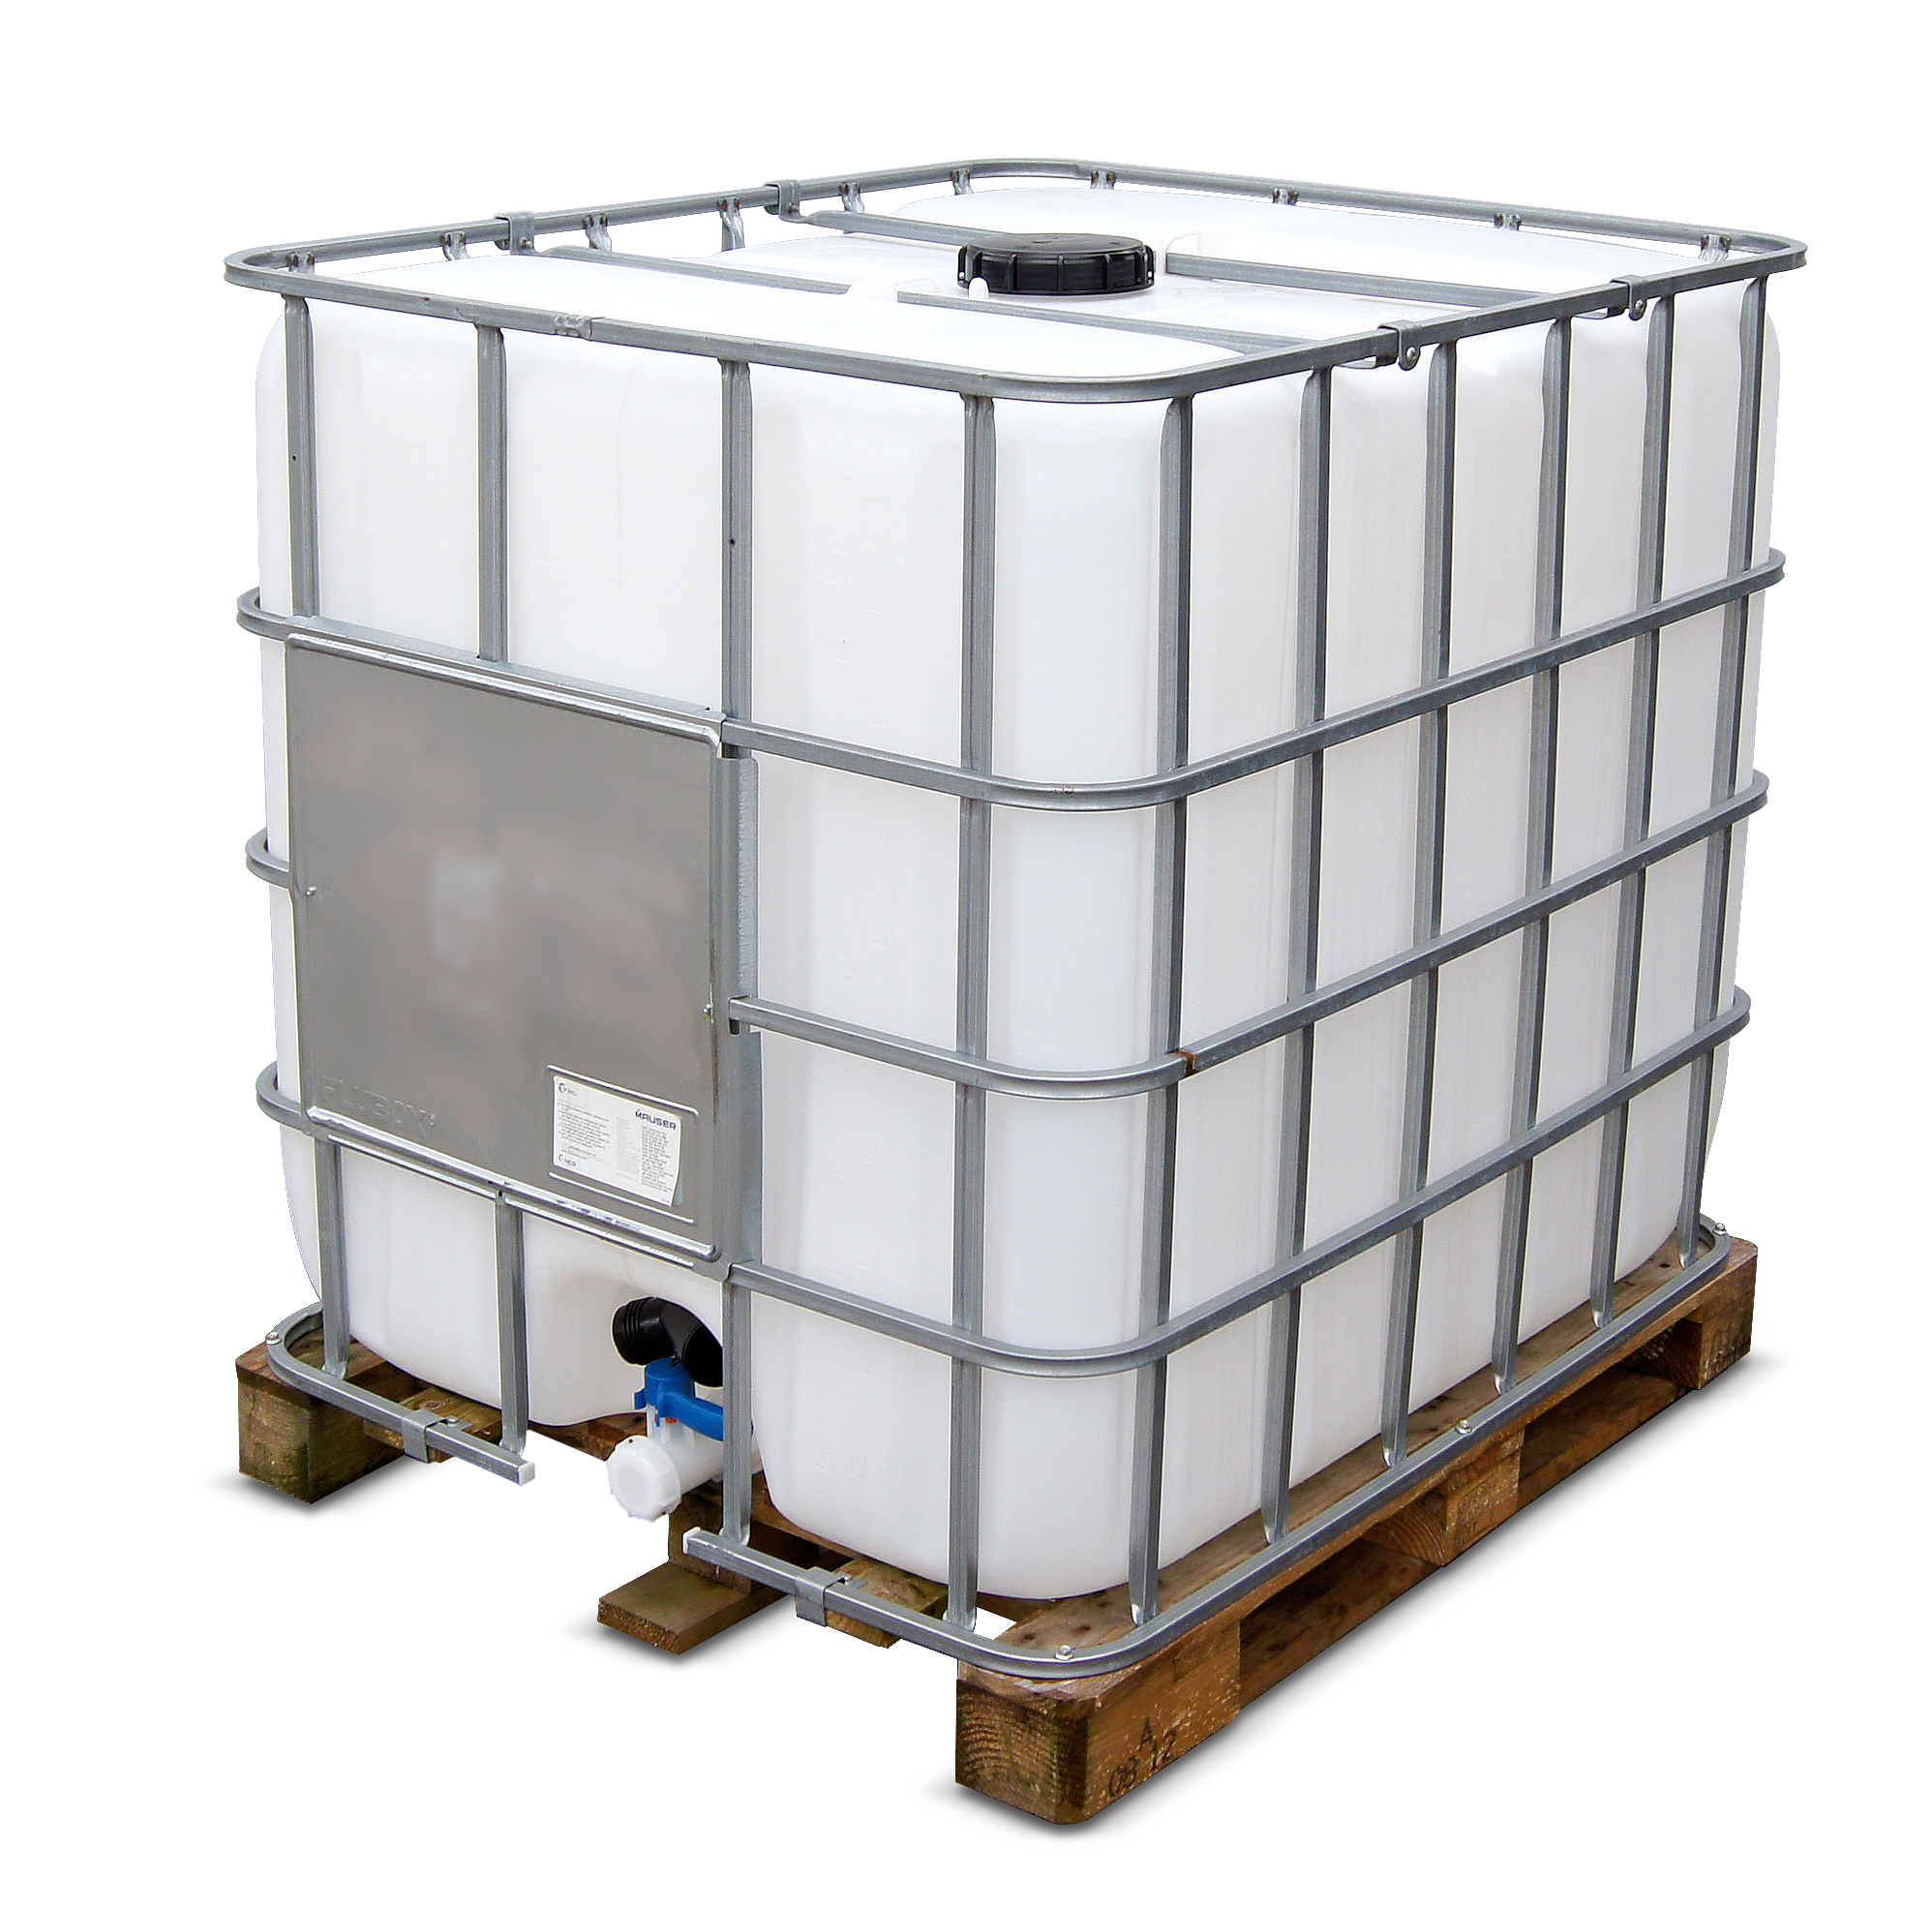 1000 L IBC Container, Holzpalette, gebraucht gereinigt, 150/50, UN